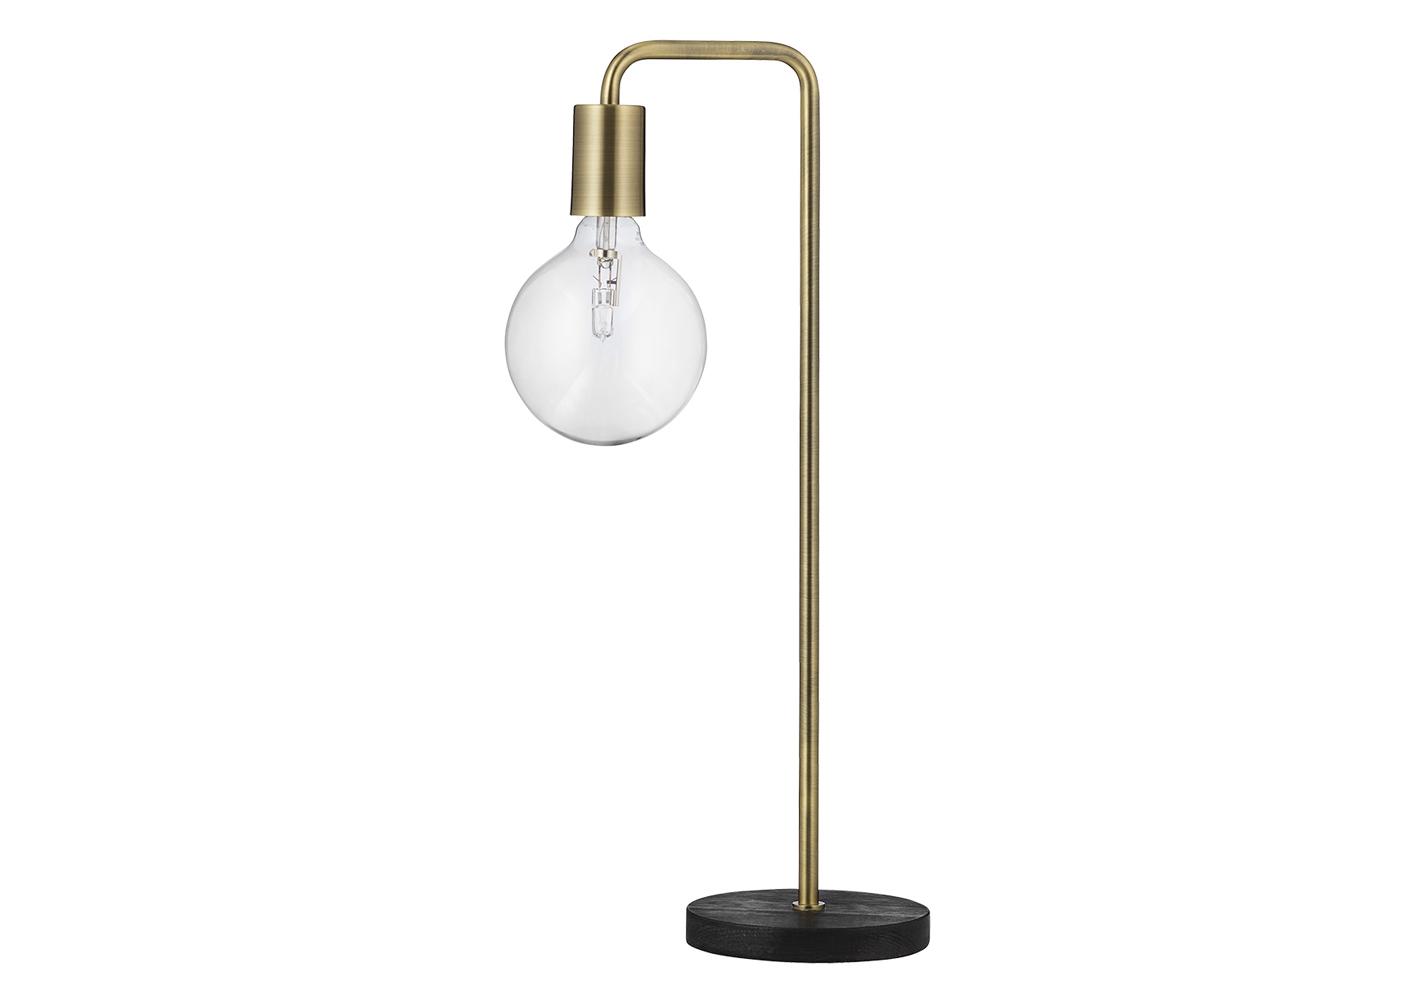 Lampe de table Cool laiton - FRANDSEN